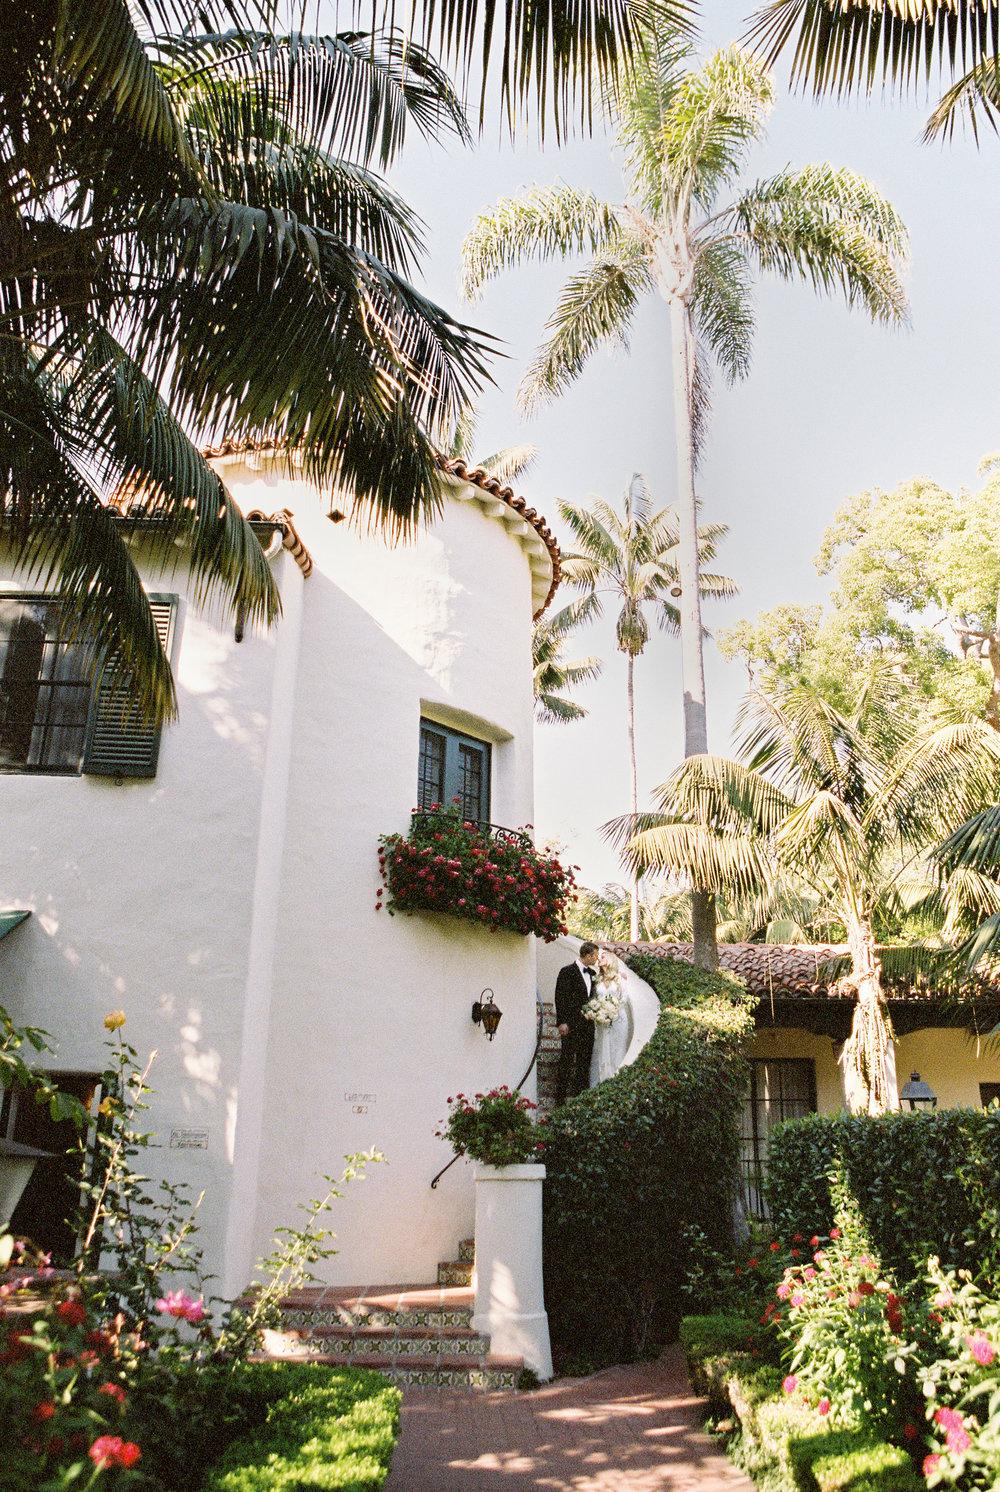 15_Four Seasons Resort The Biltmore Santa Barbara.JPG